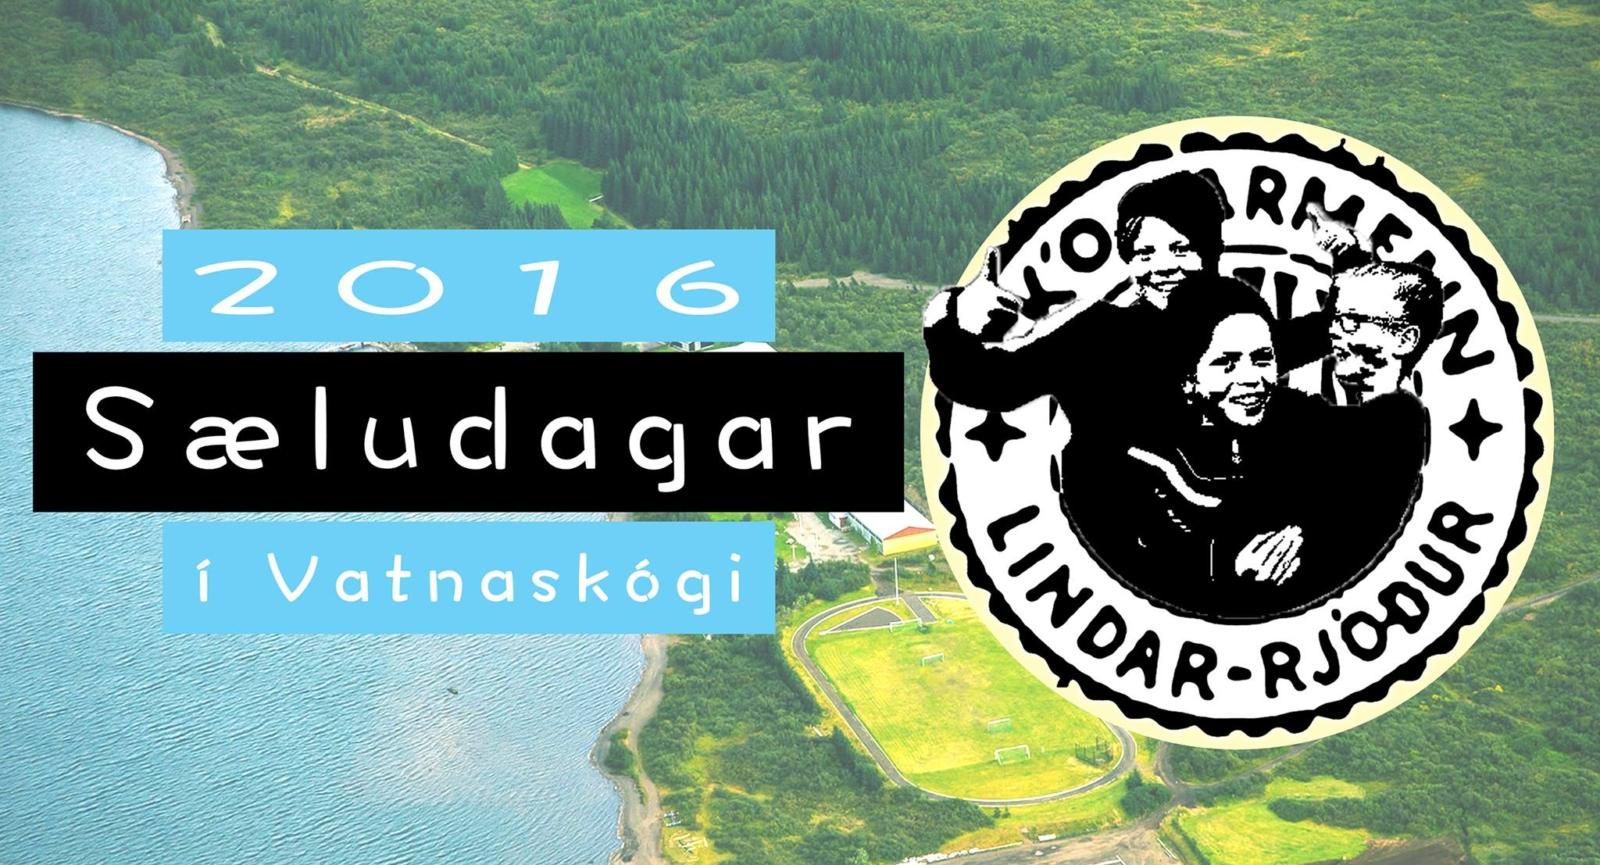 Sæludagar-logo-mynd-e1468967340538